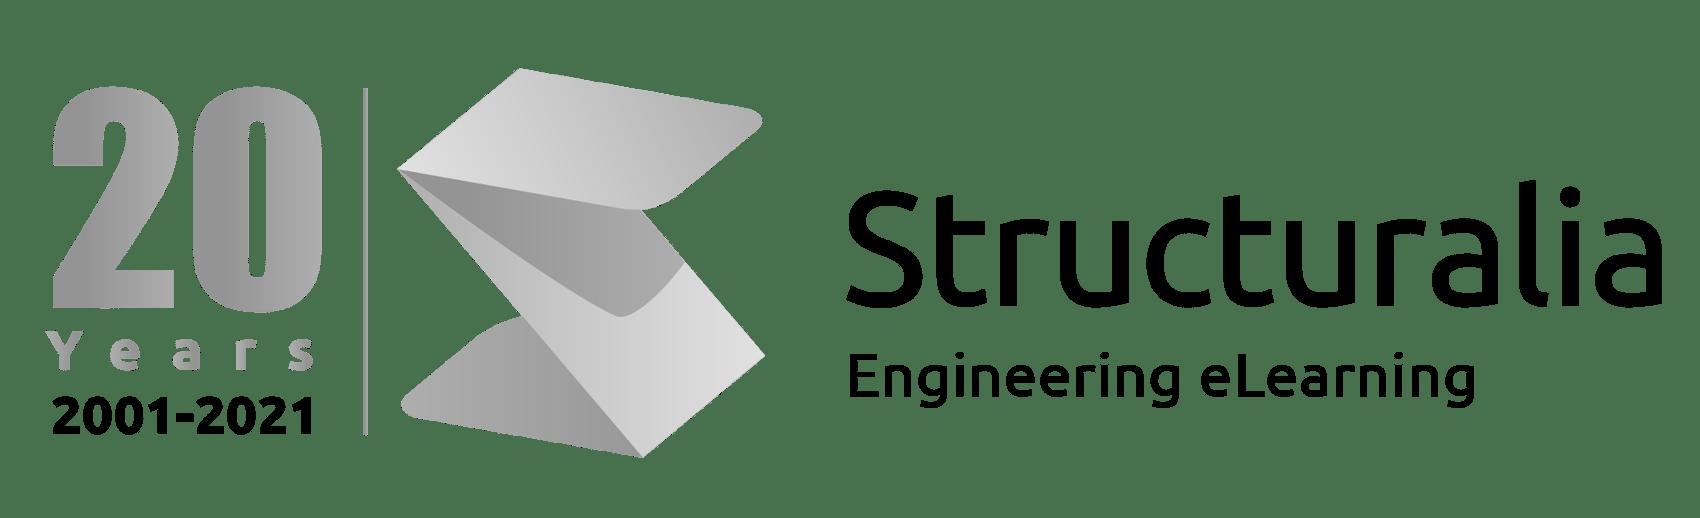 logo-structuralia-20-años-3